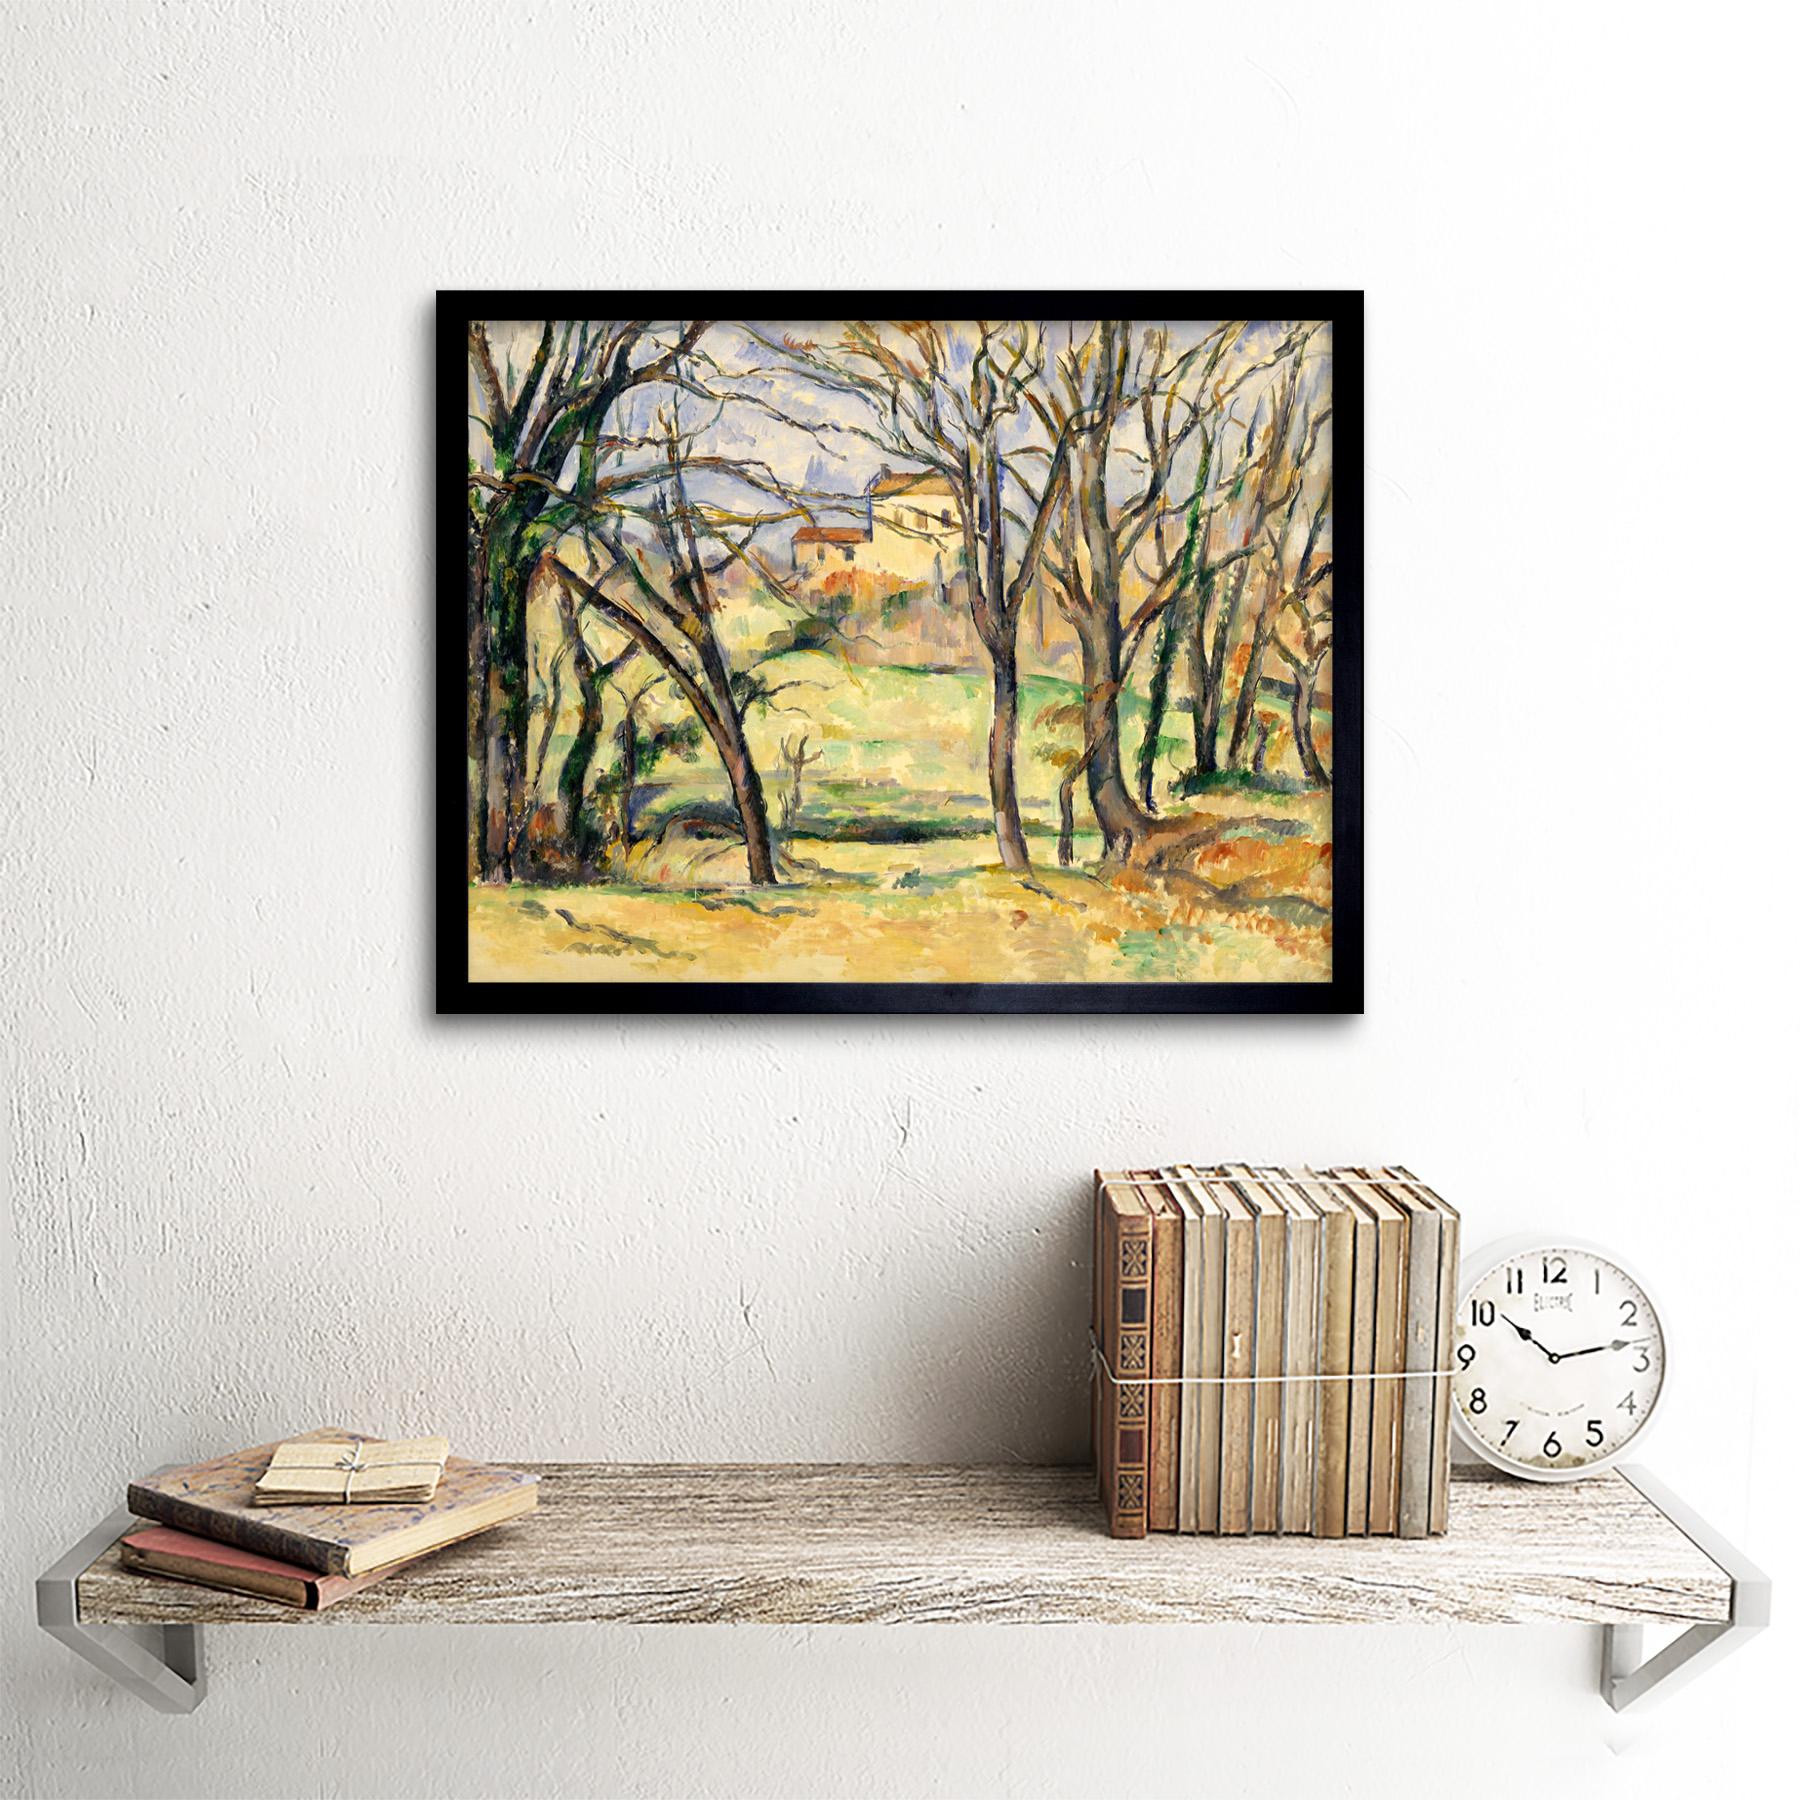 Cezanne-Trees-Houses-Near-Jas-De-Bouffan-Painting-Wall-Art-Print-Framed-12x16 miniatuur 3